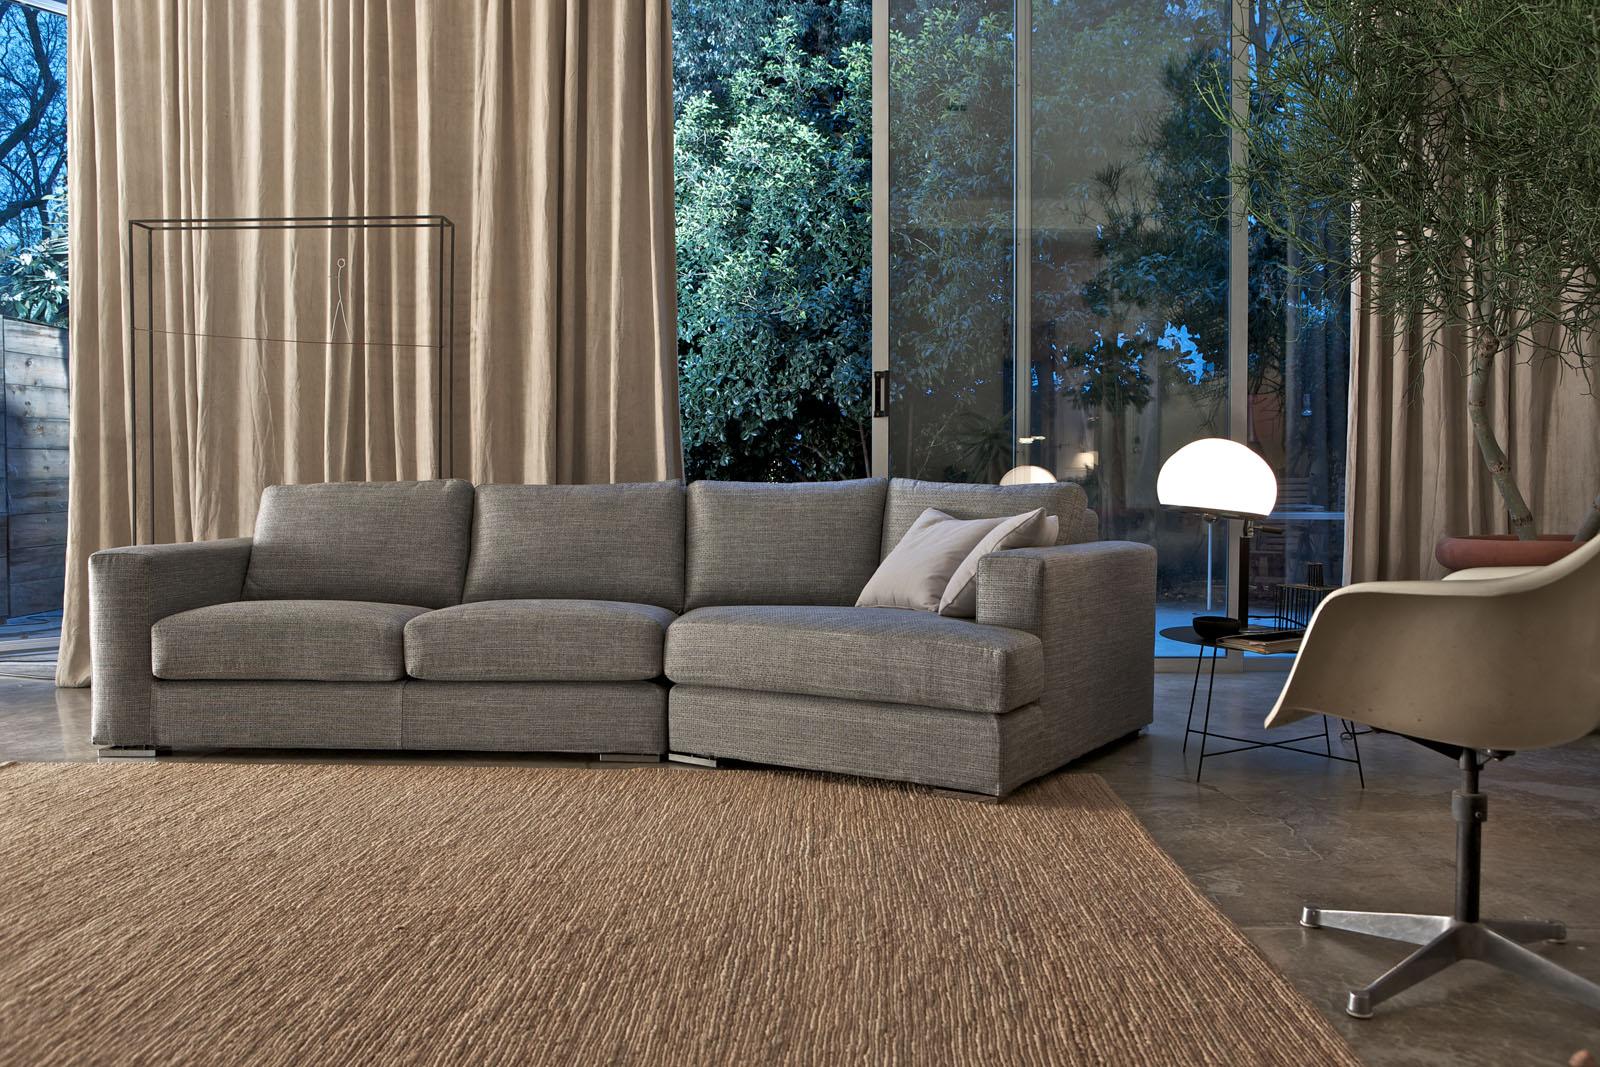 Divani blog tino mariani nuove immagini dei divani for Modelli salotti moderni